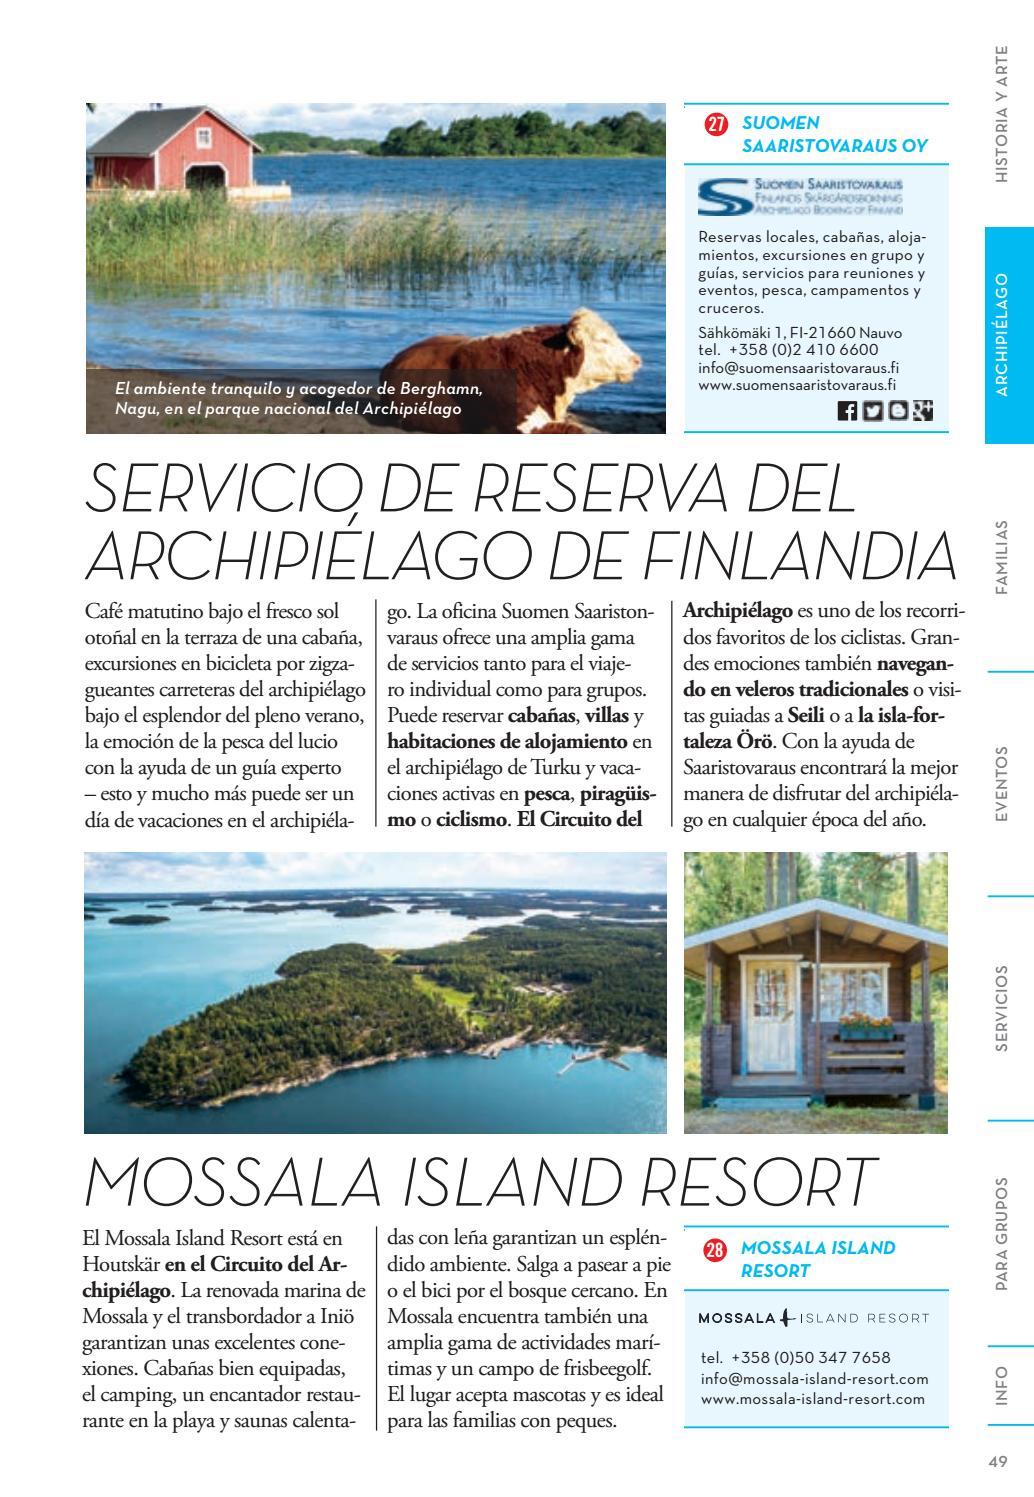 Diversión A La Orilla Del Mar 2017 By Visit Turku Issuu